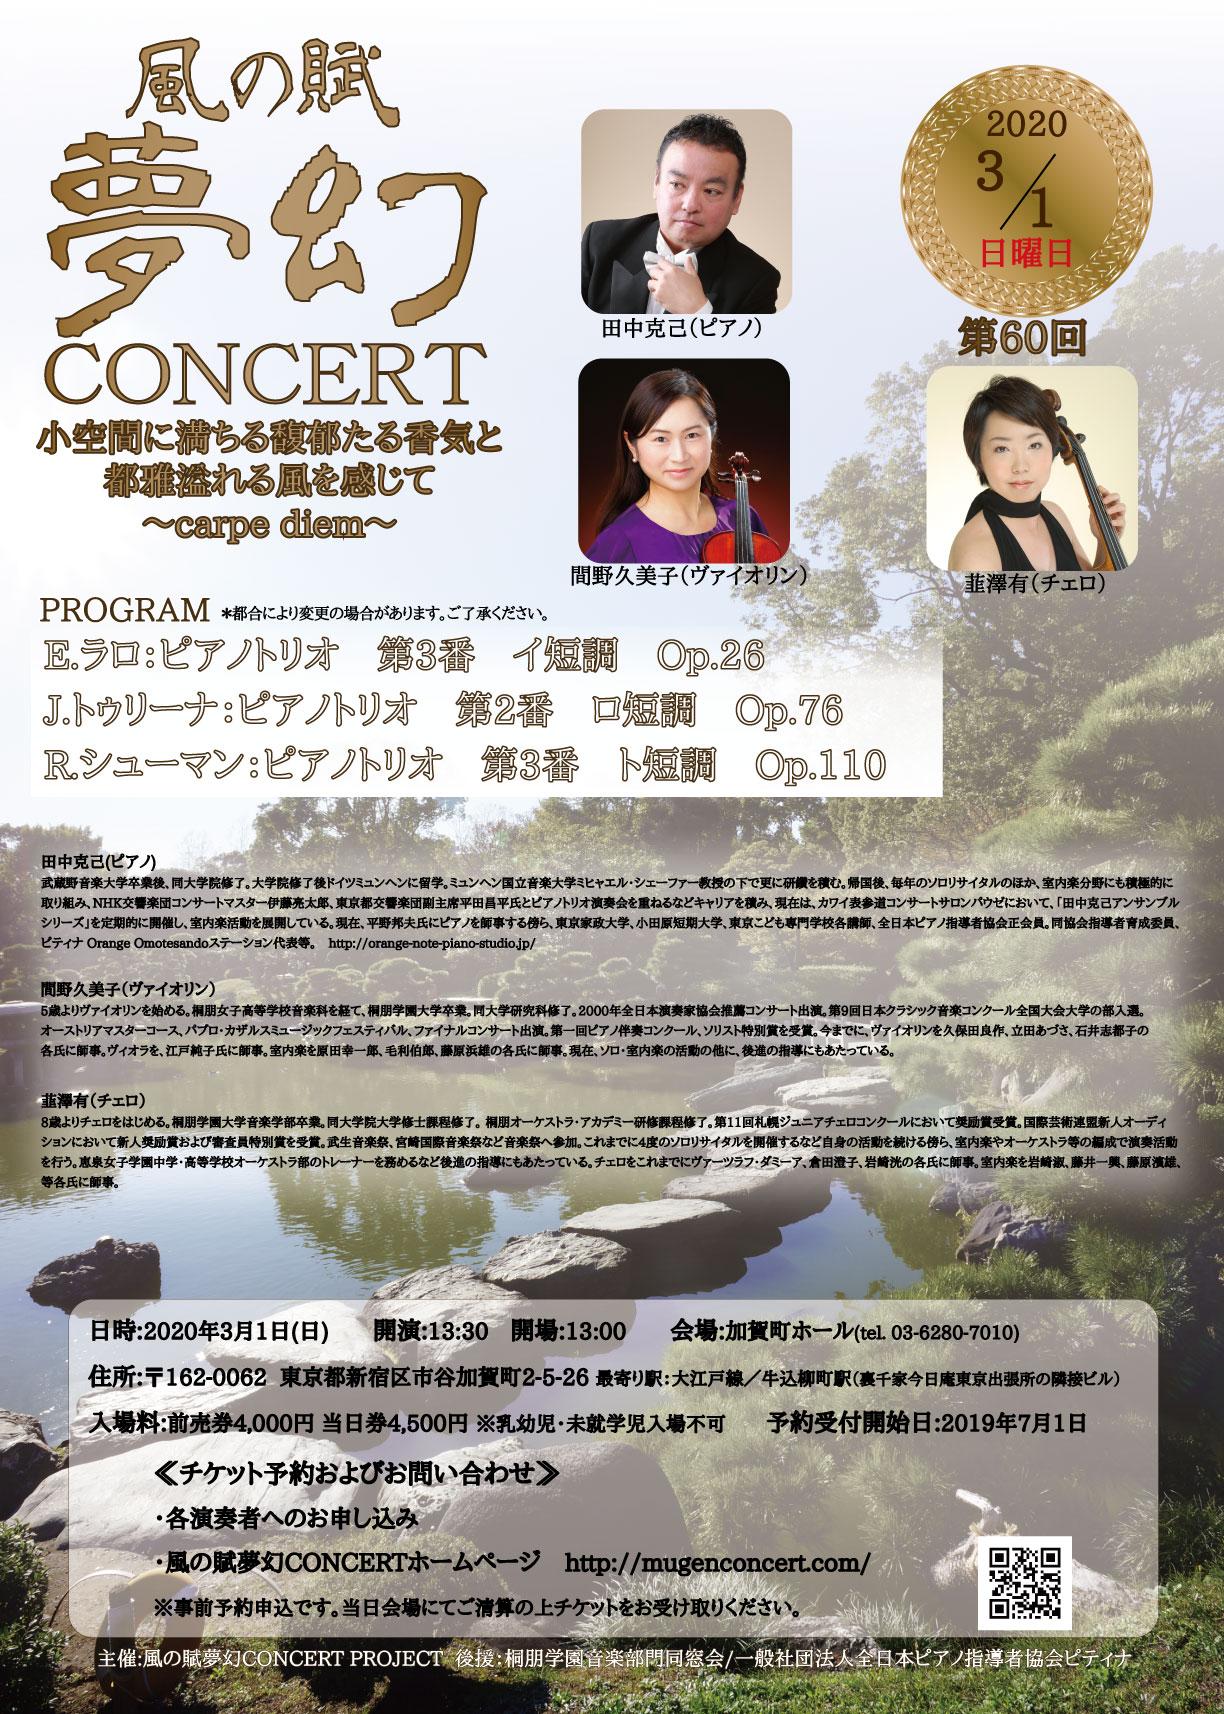 風の賦 夢幻コンサート